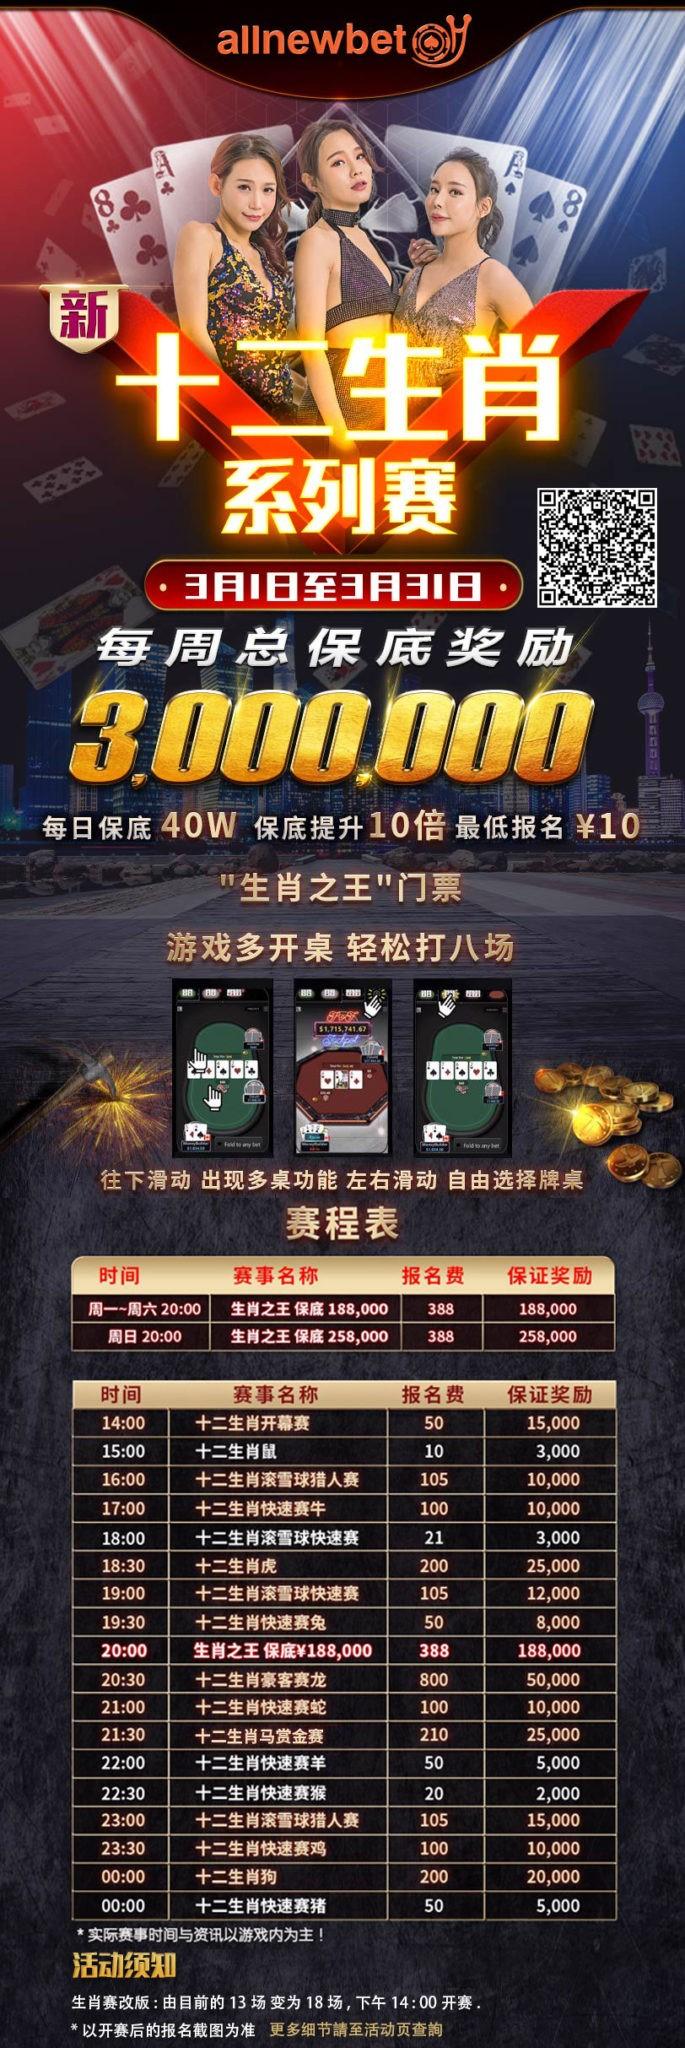 【蜗牛扑克】蜗牛扑克免费赛 总保底350,000免费赛限量开赛,欢迎旧雨新知 立即体验!